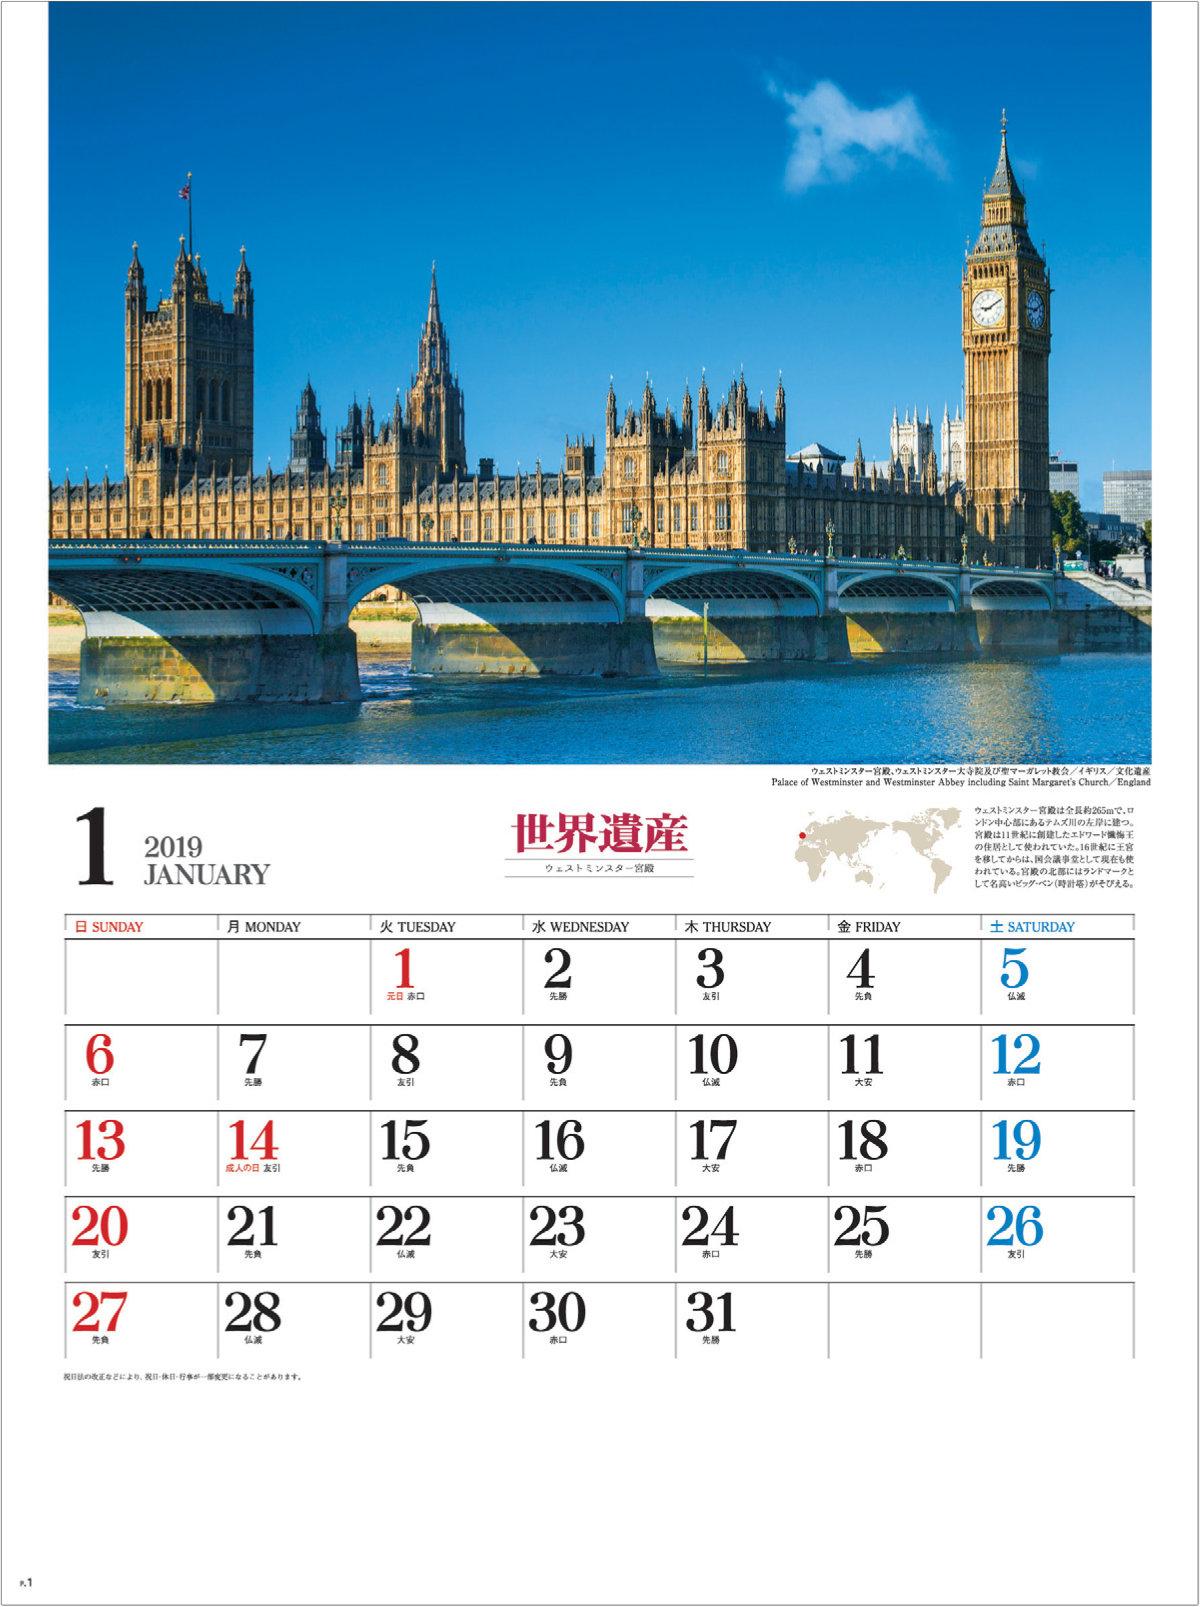 画像:イギリスのビッグベンとウェストミンスター宮殿 ユネスコ世界遺産 2019年カレンダー